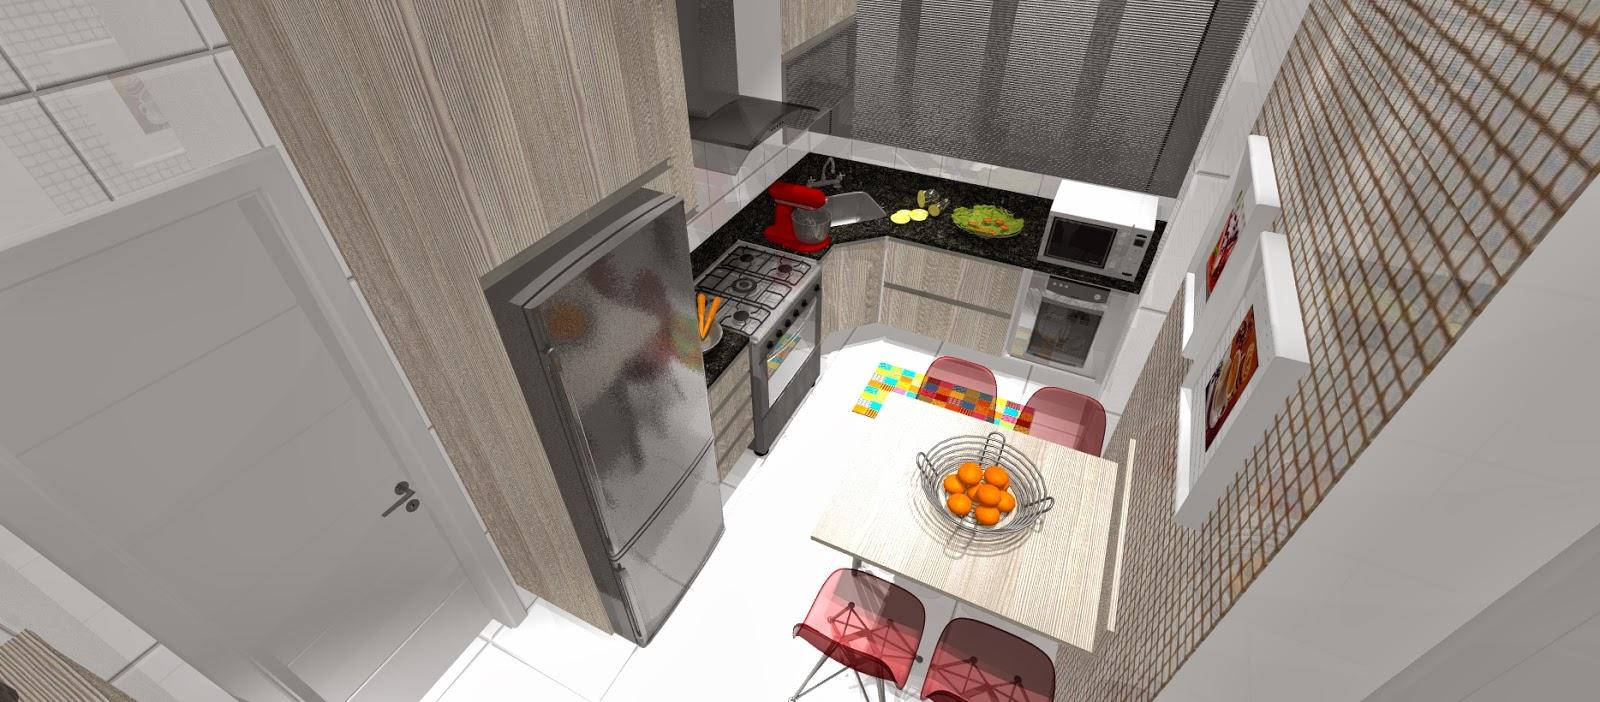 Cozinha Compacta Com Pia E Fogao Beyato Com V Rios Desenhos